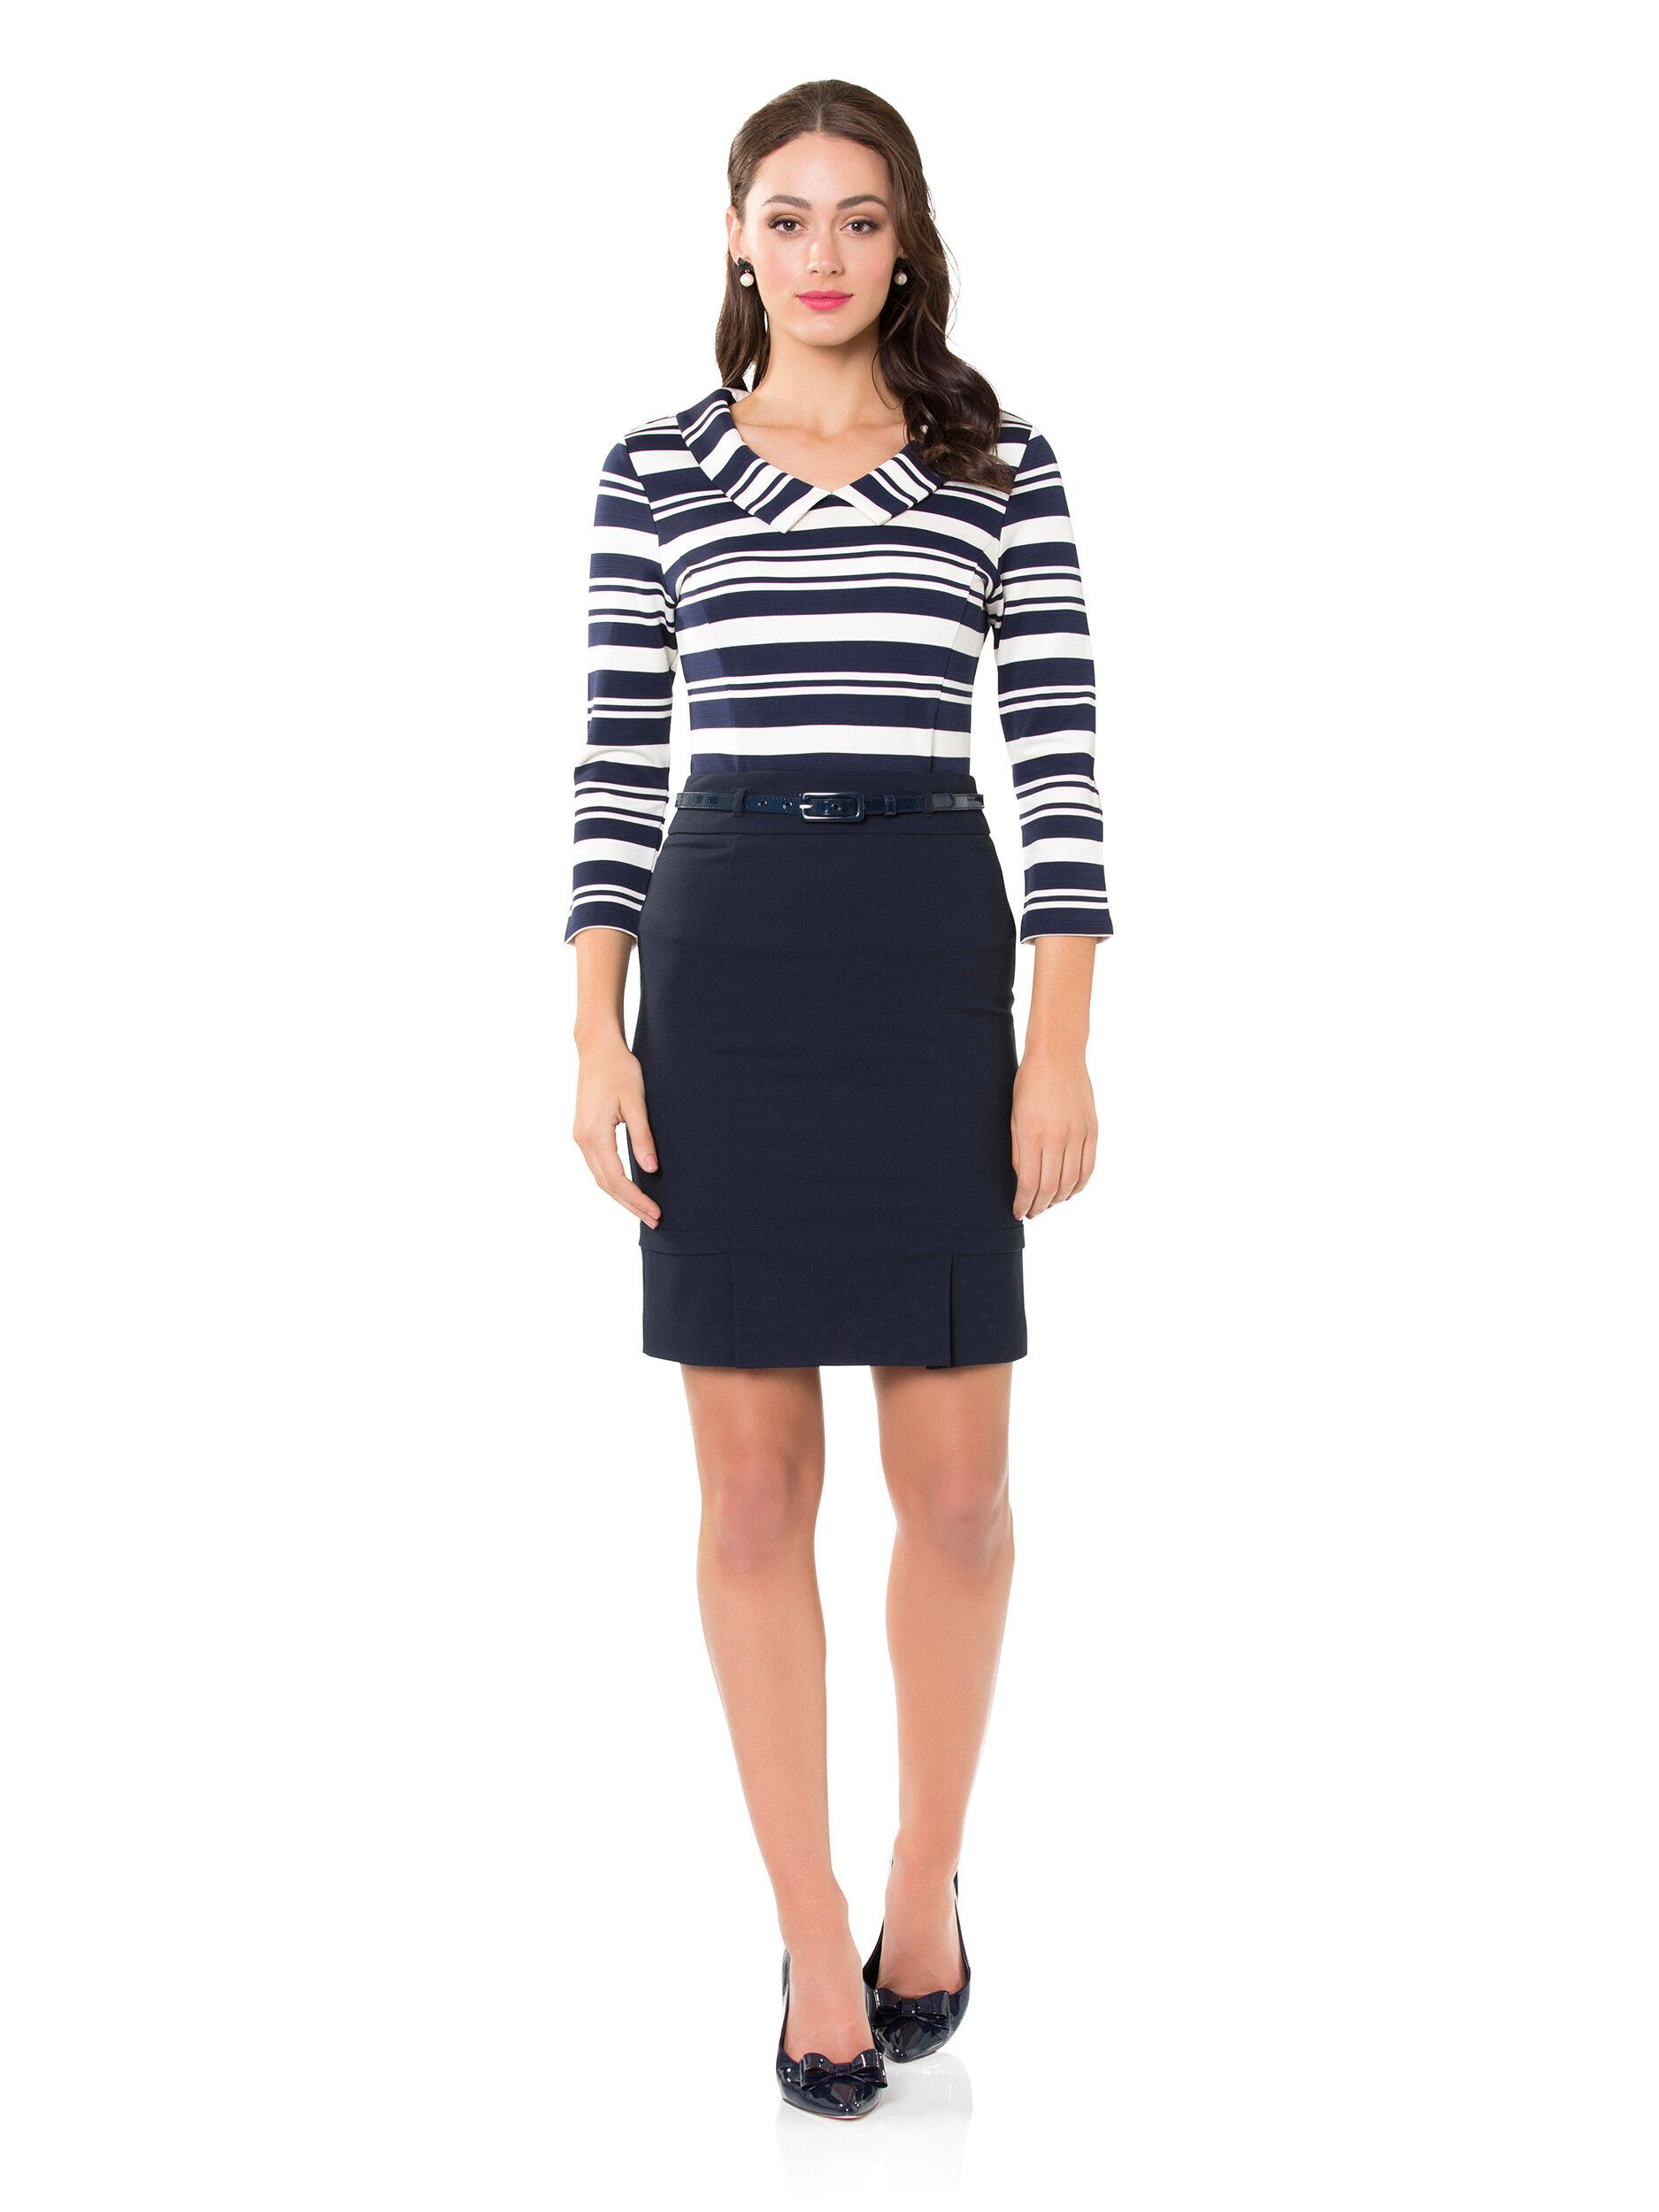 Lucinda Skirt